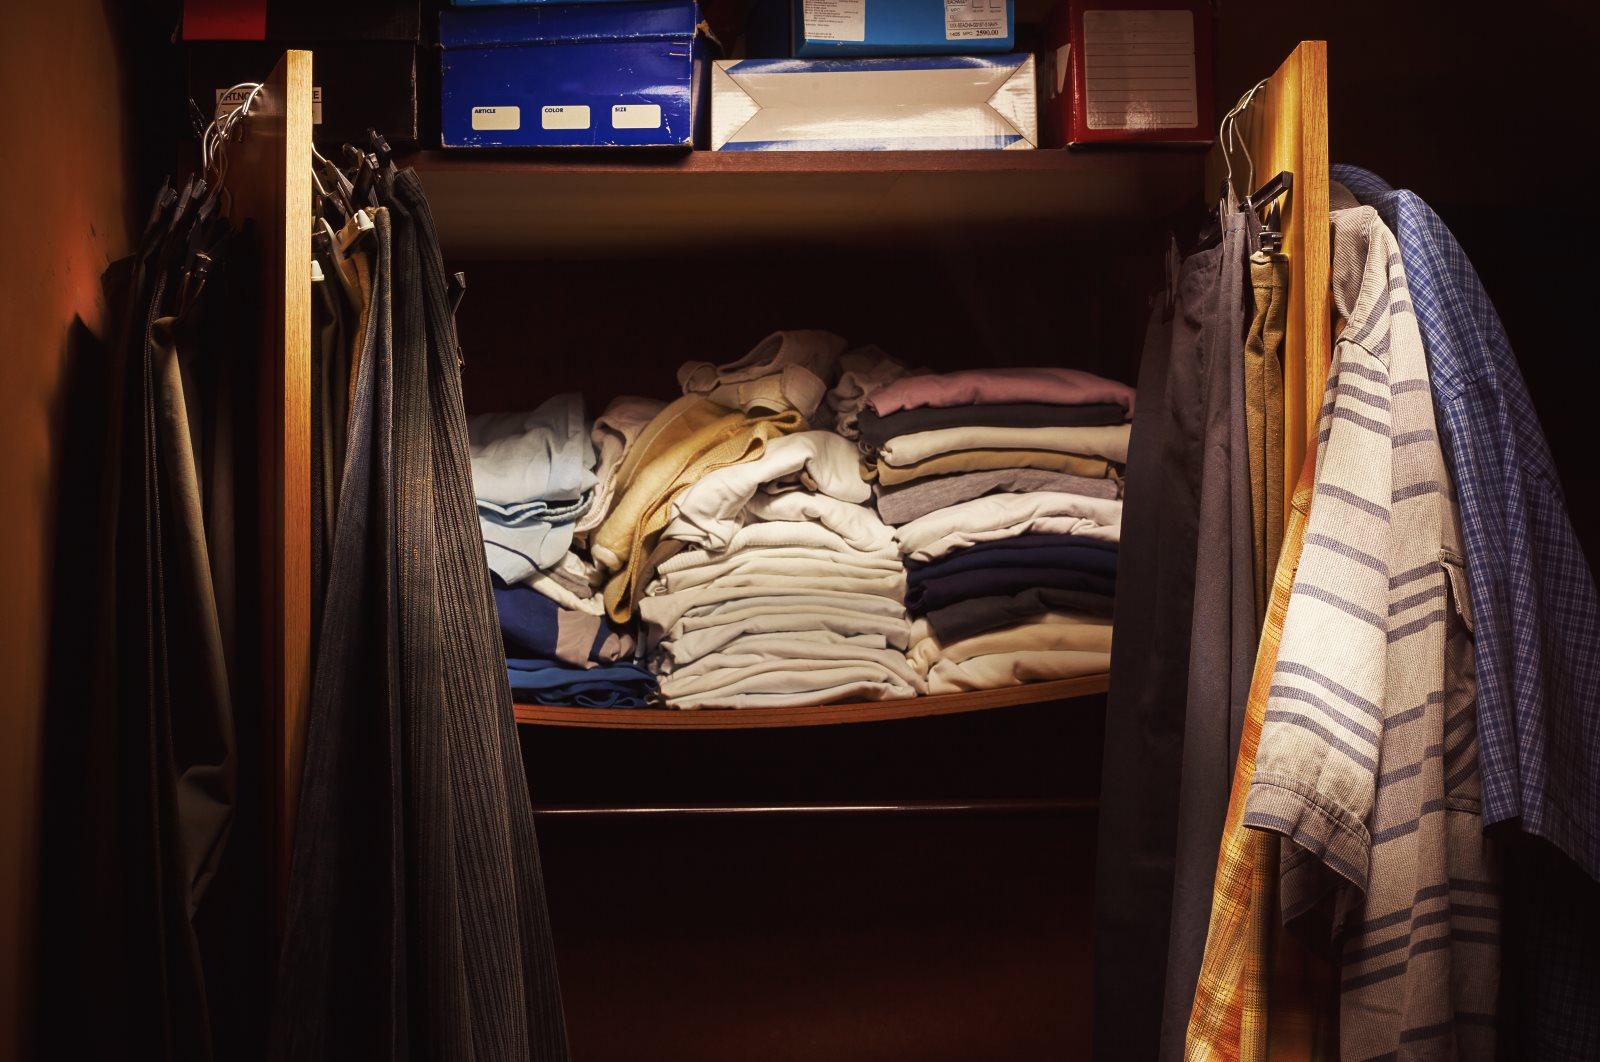 Gdzie oddać używane ubrania, zamiast je wyrzucać?